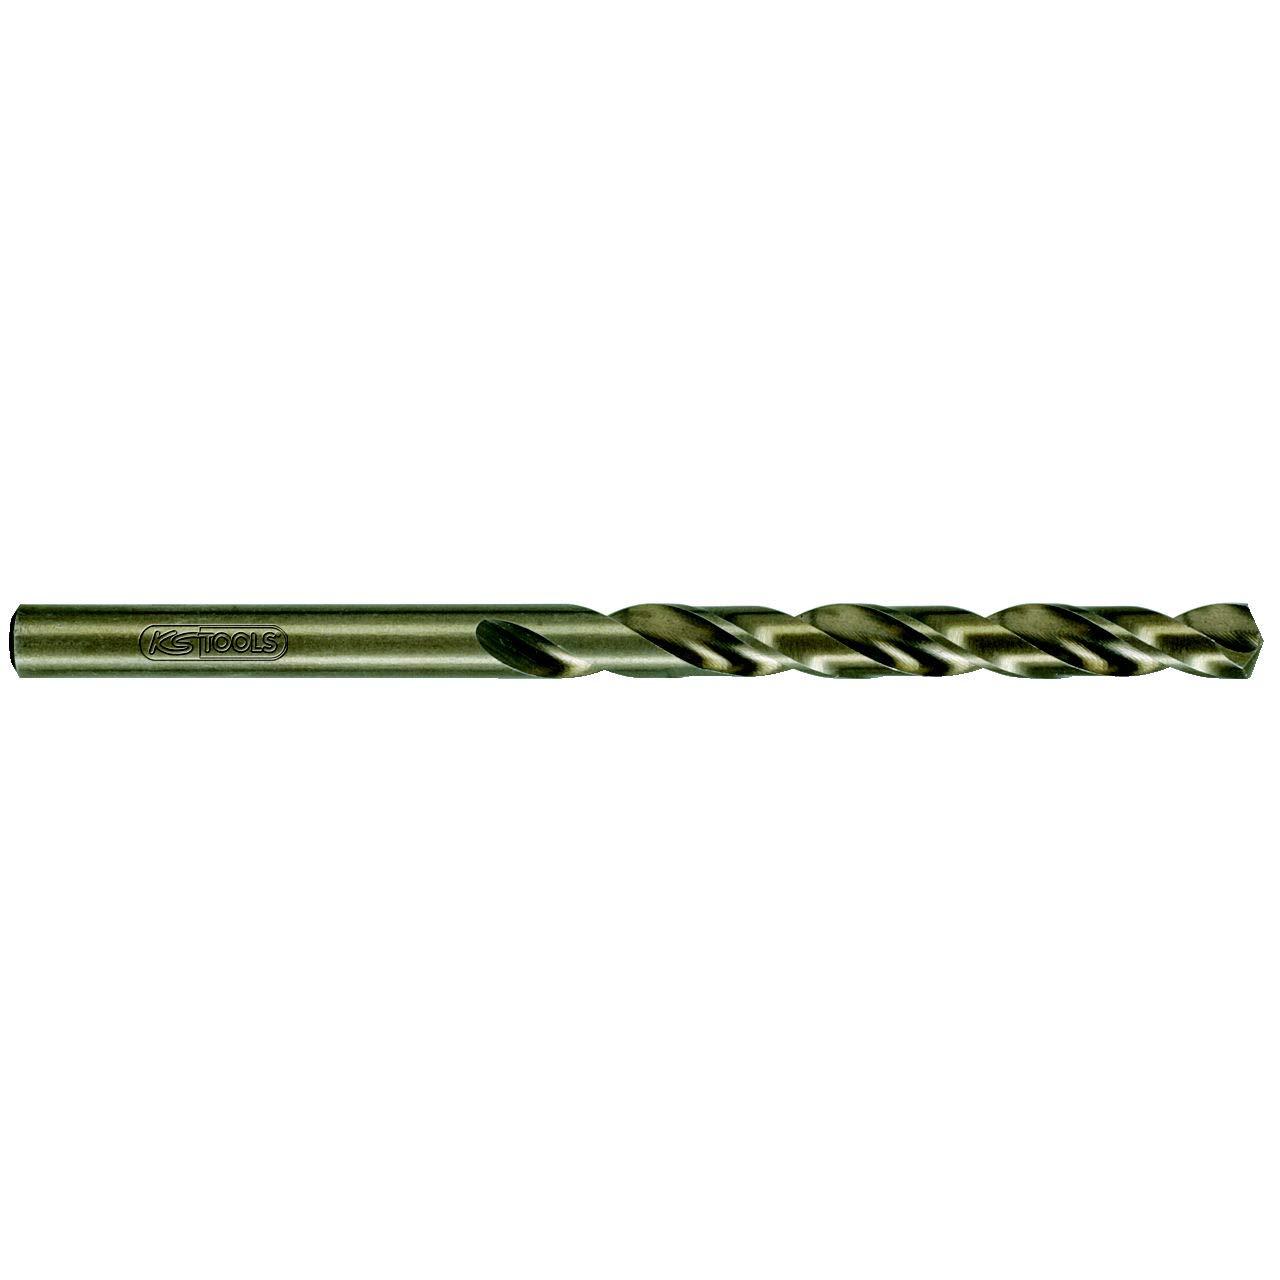 KS Tools 330.3032 HSS-G Co 5 Spiralbohrer, 3,2mm, 10er Pack KS-Tools Werkzeuge-Maschine 4042146165331